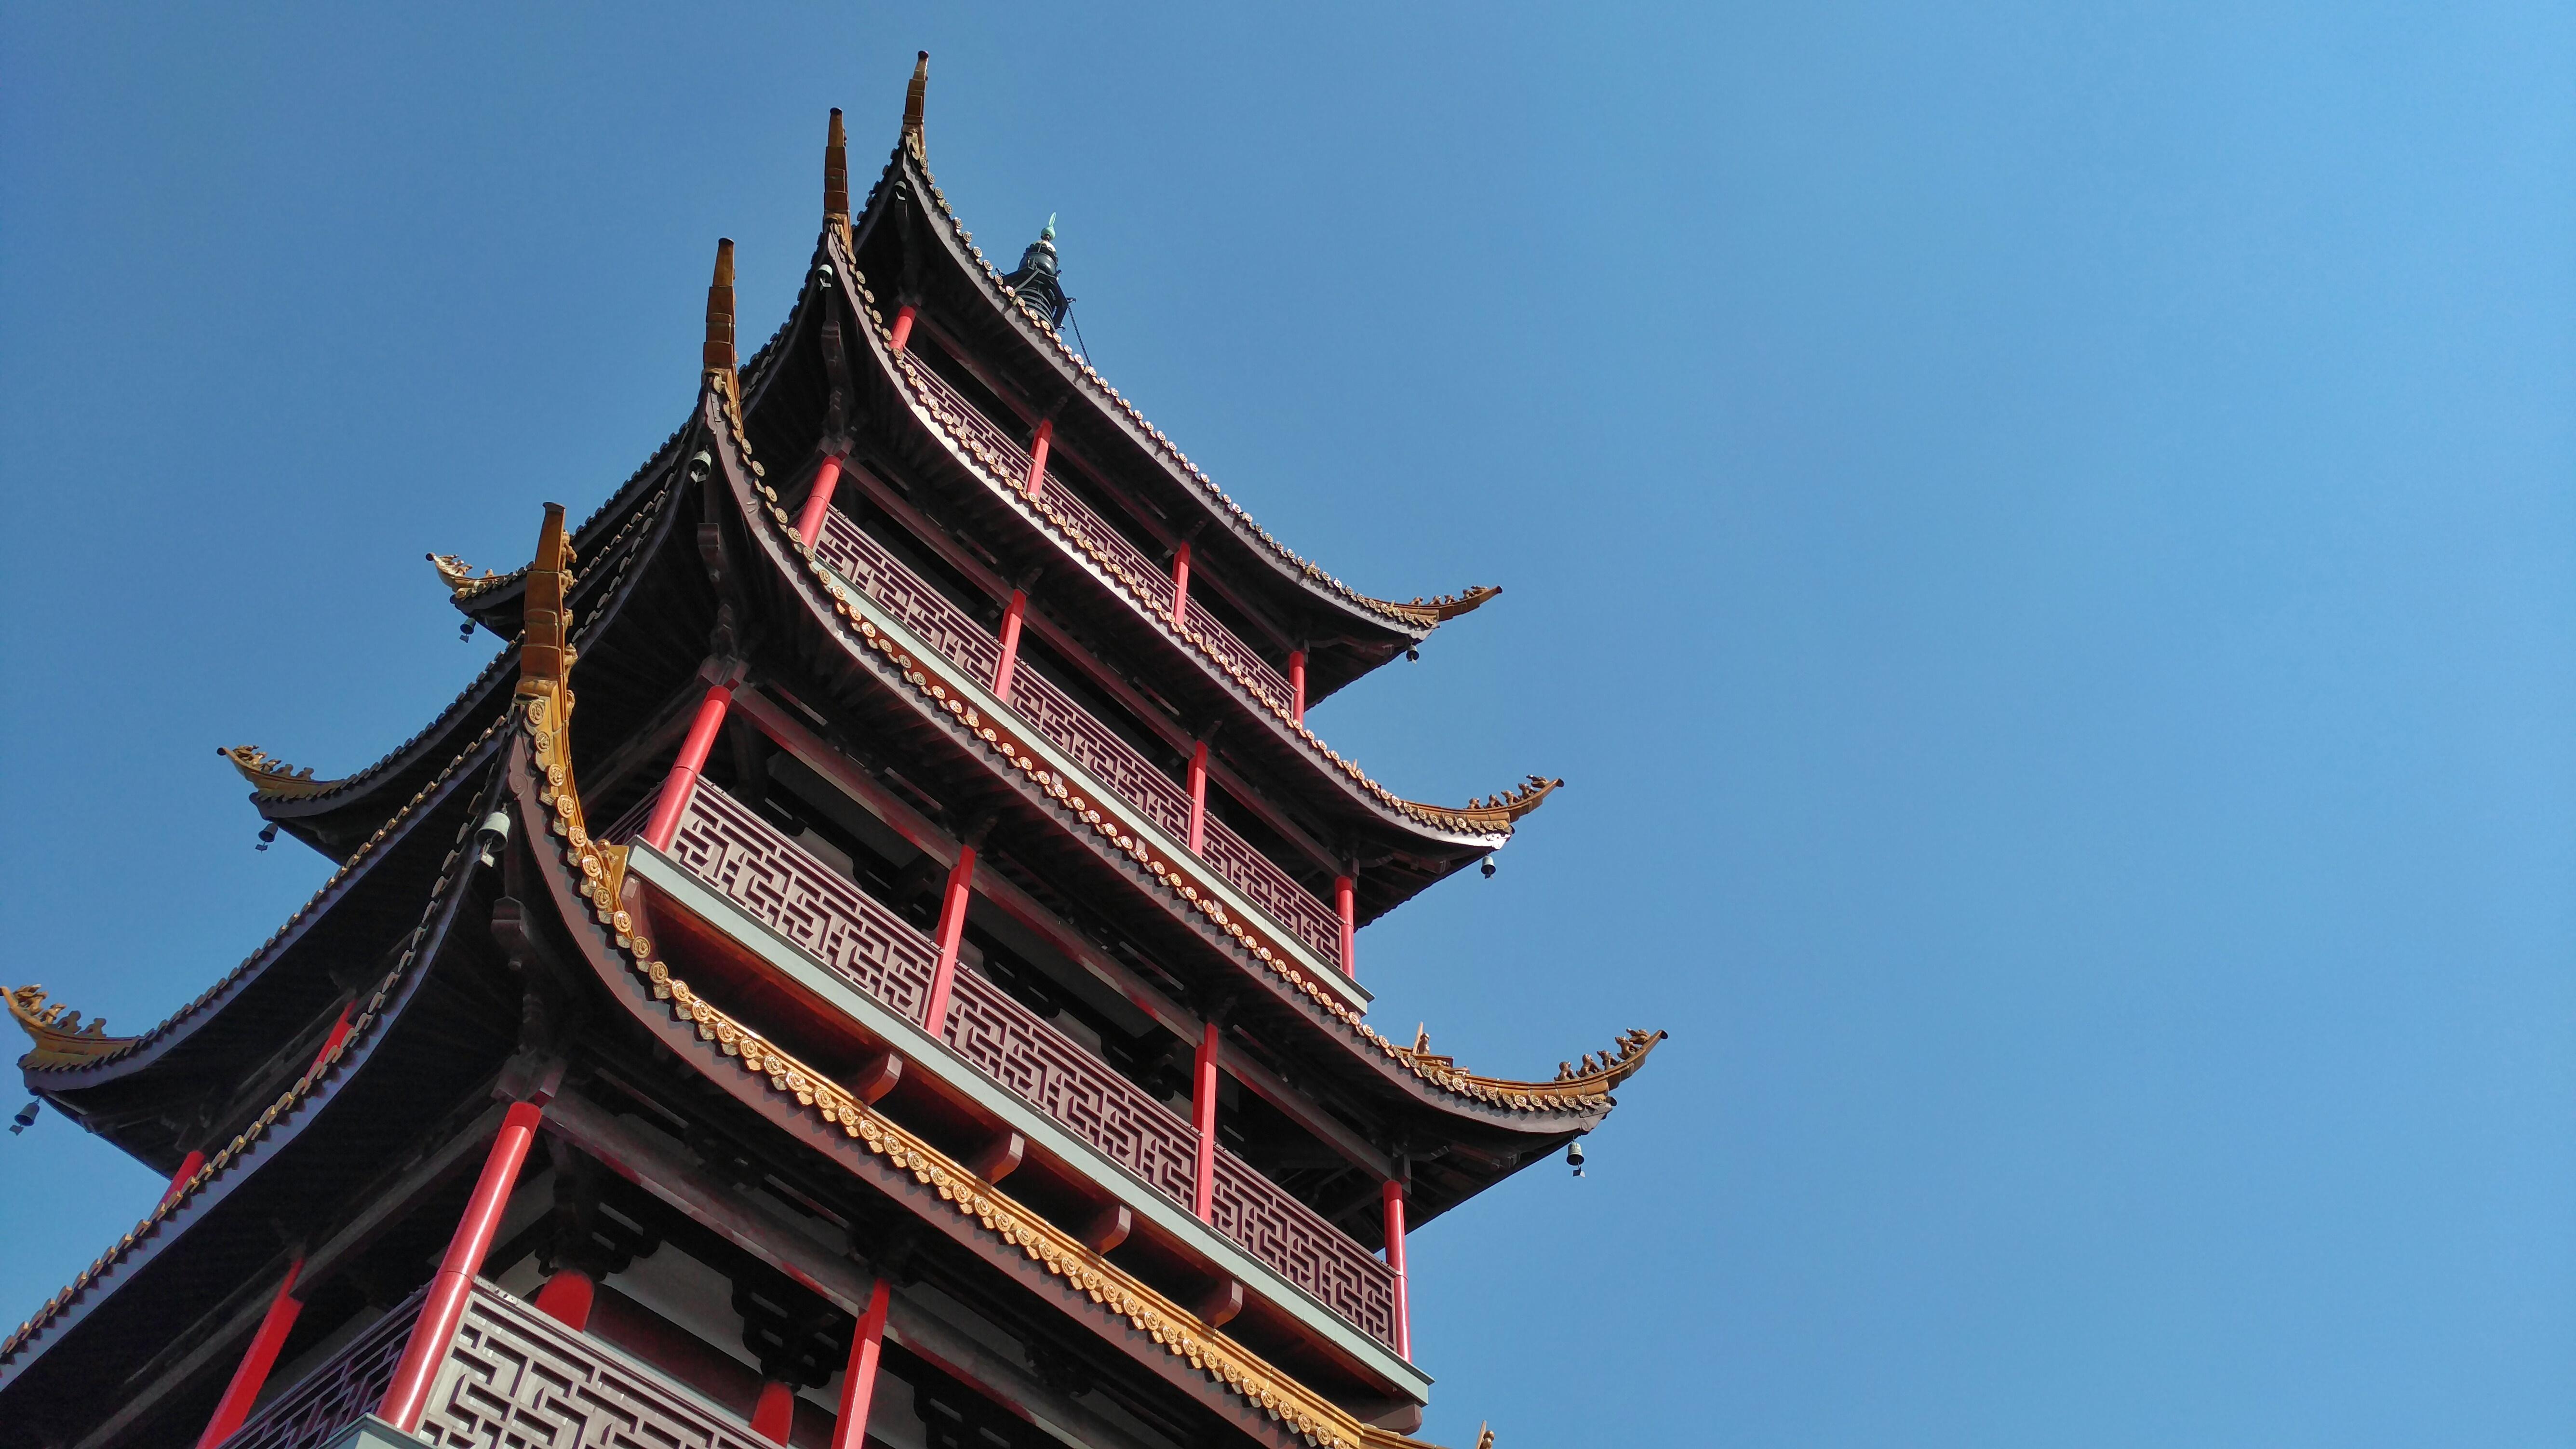 逆光拍摄的山顶广教寺支云塔